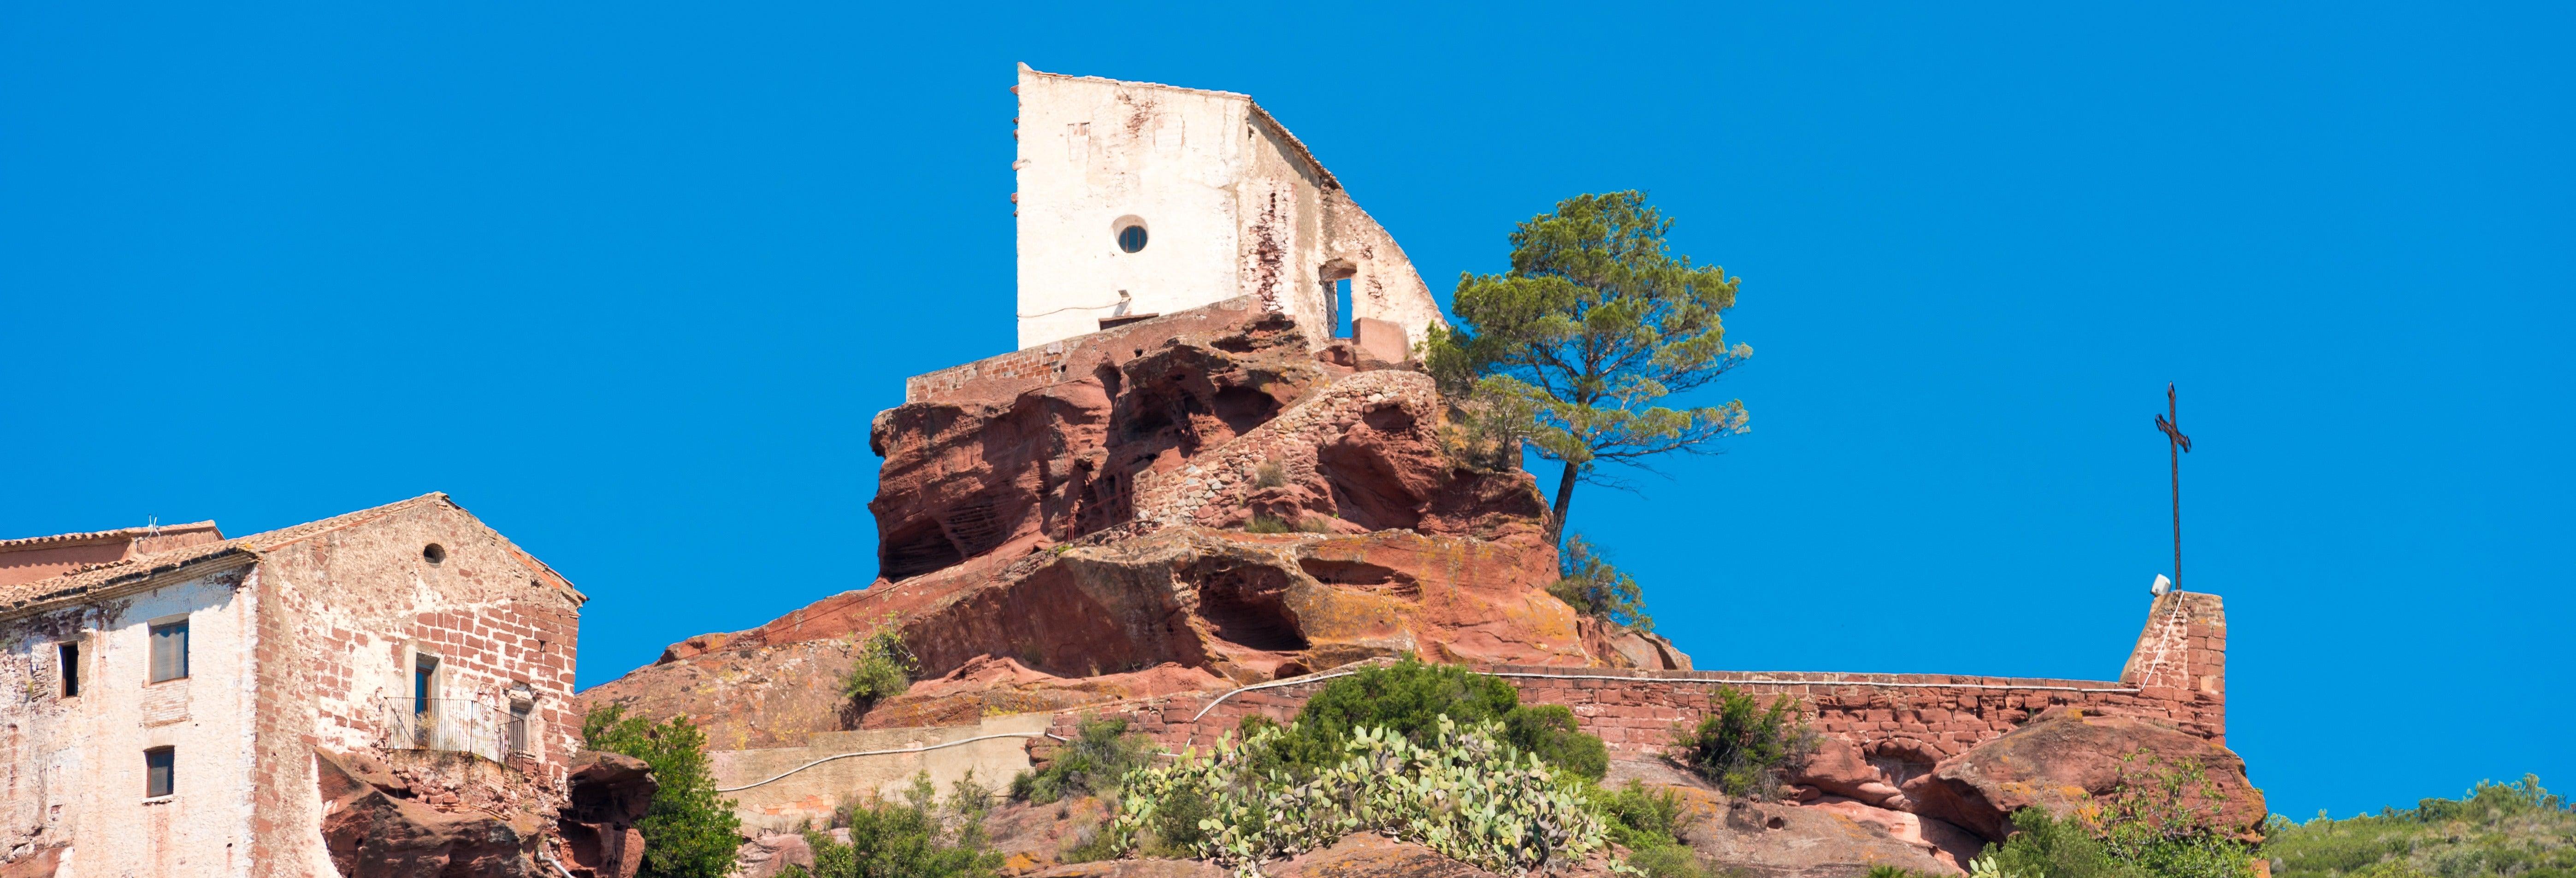 Kayaking & Day Trip to Ermita Mare de Déu de la Roca